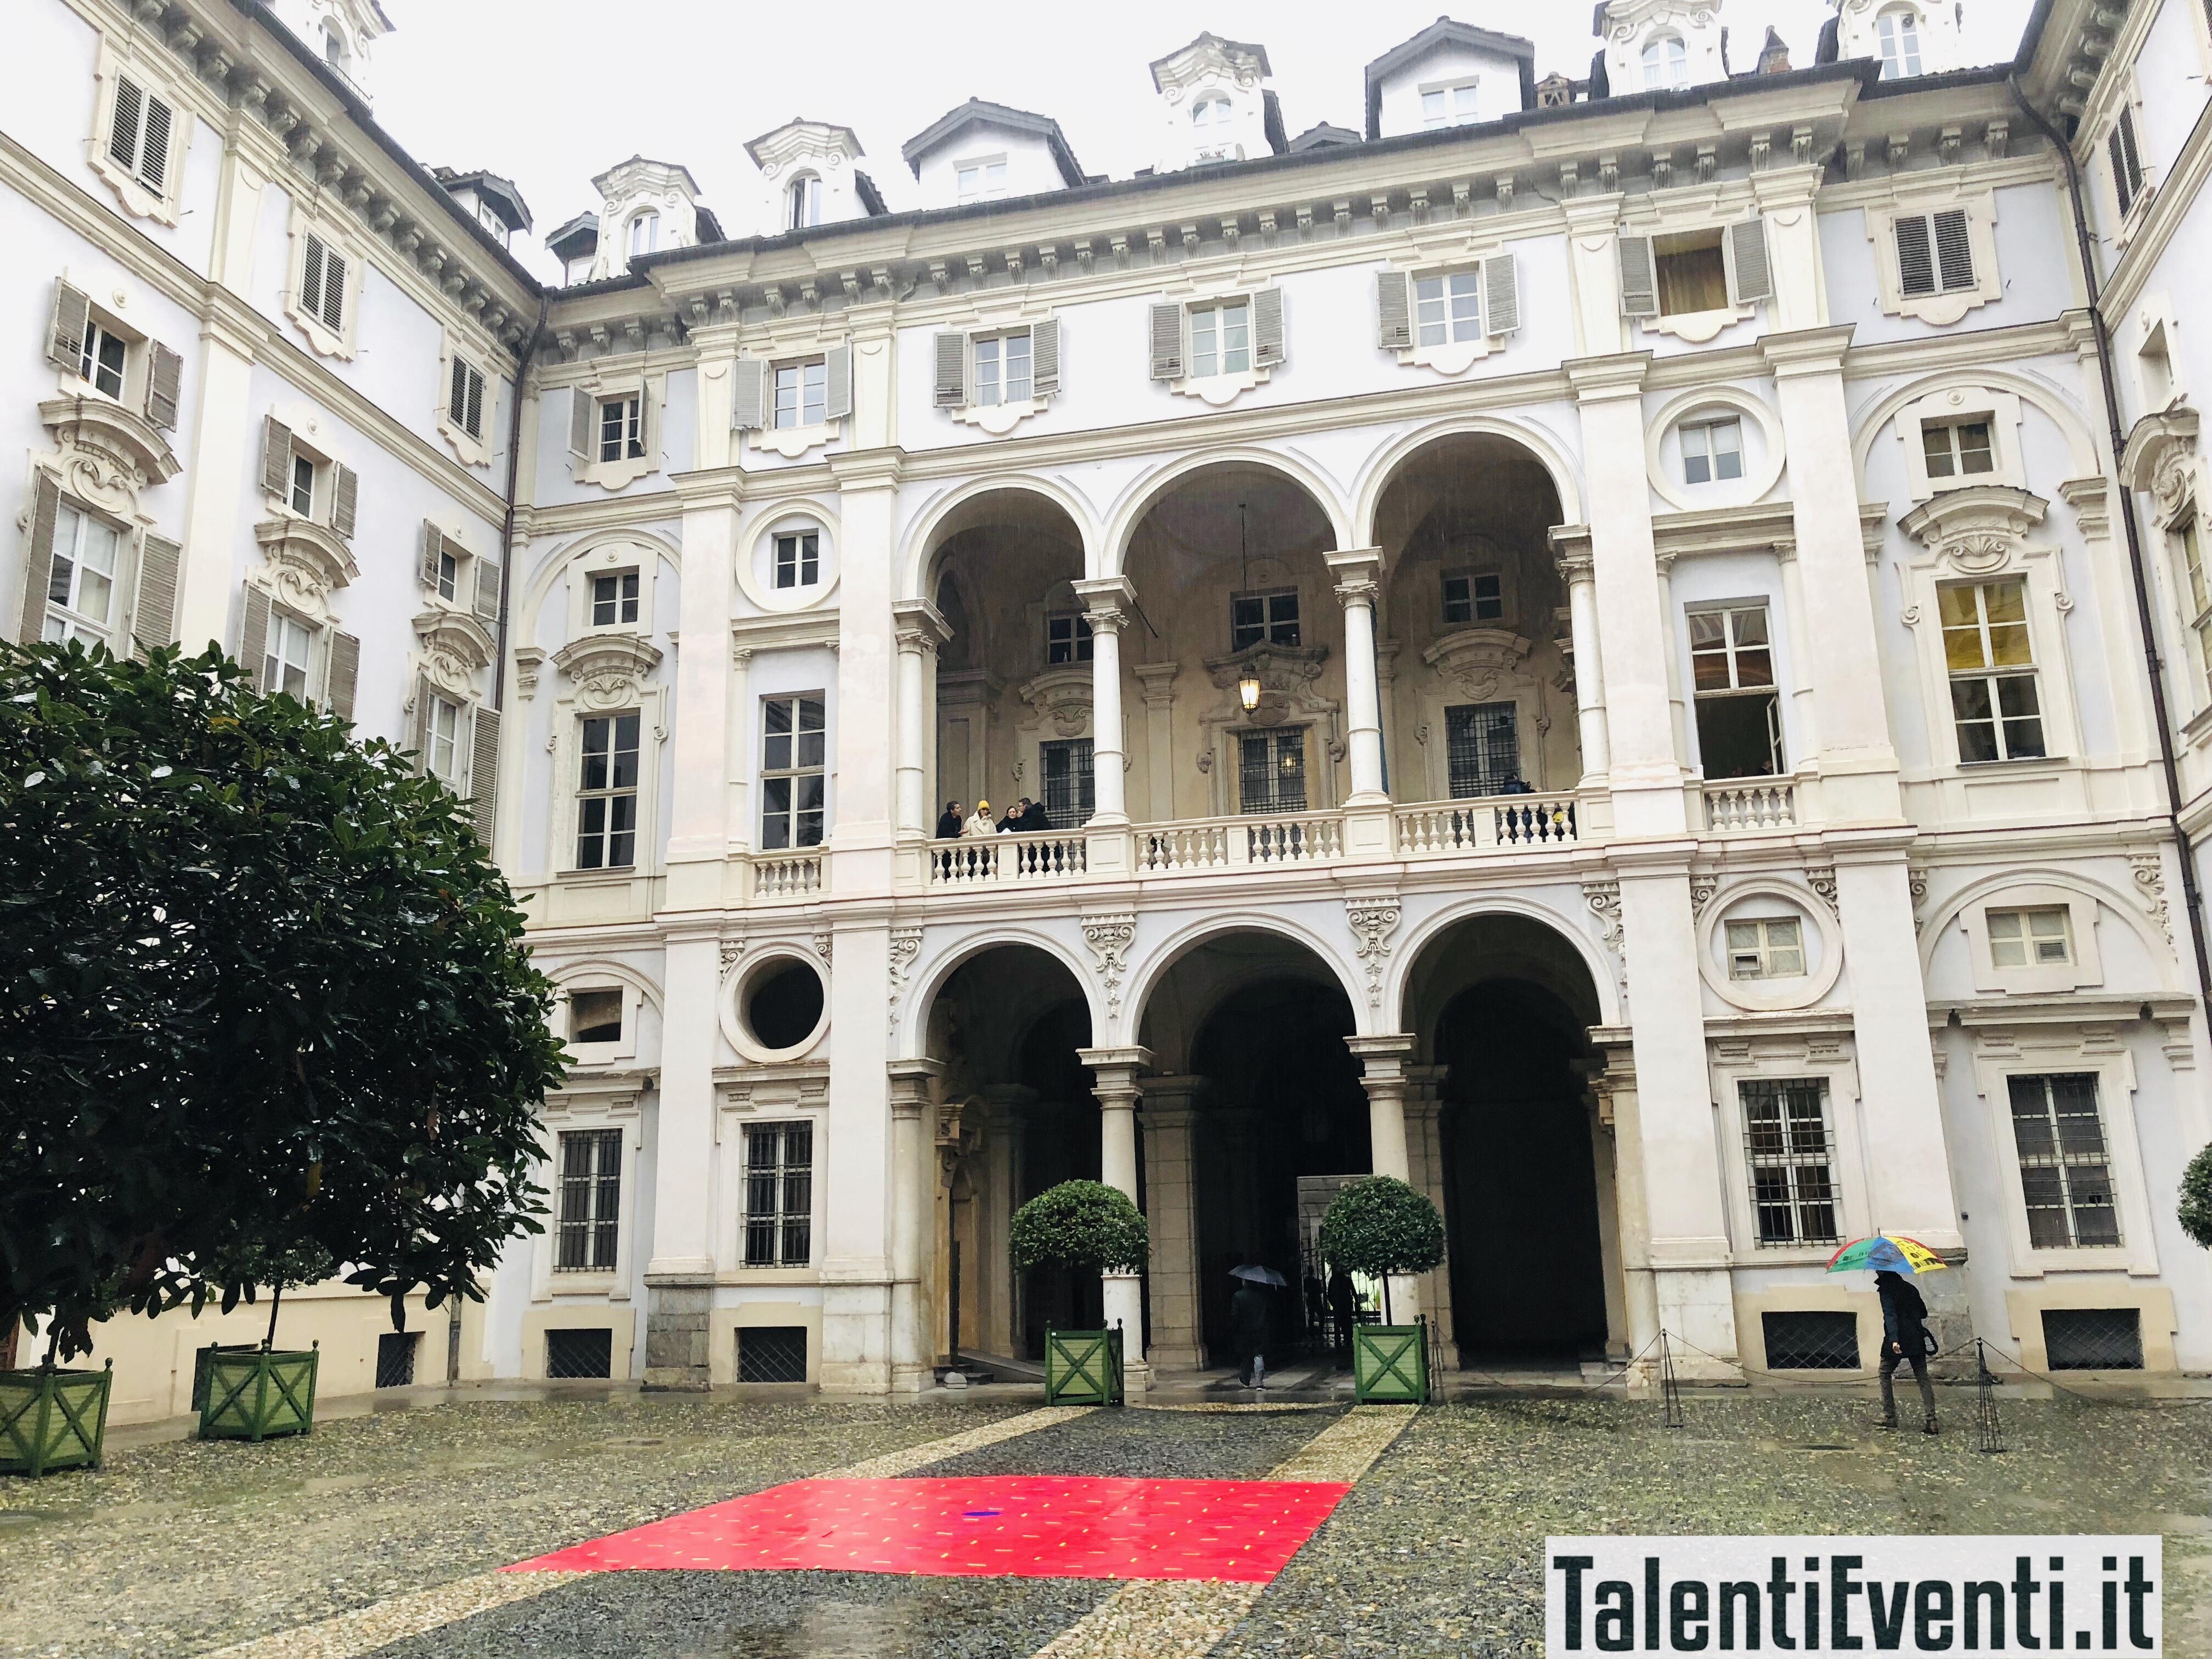 DAMA 2018 - Palazzo Saluzzo Paesana - Torino